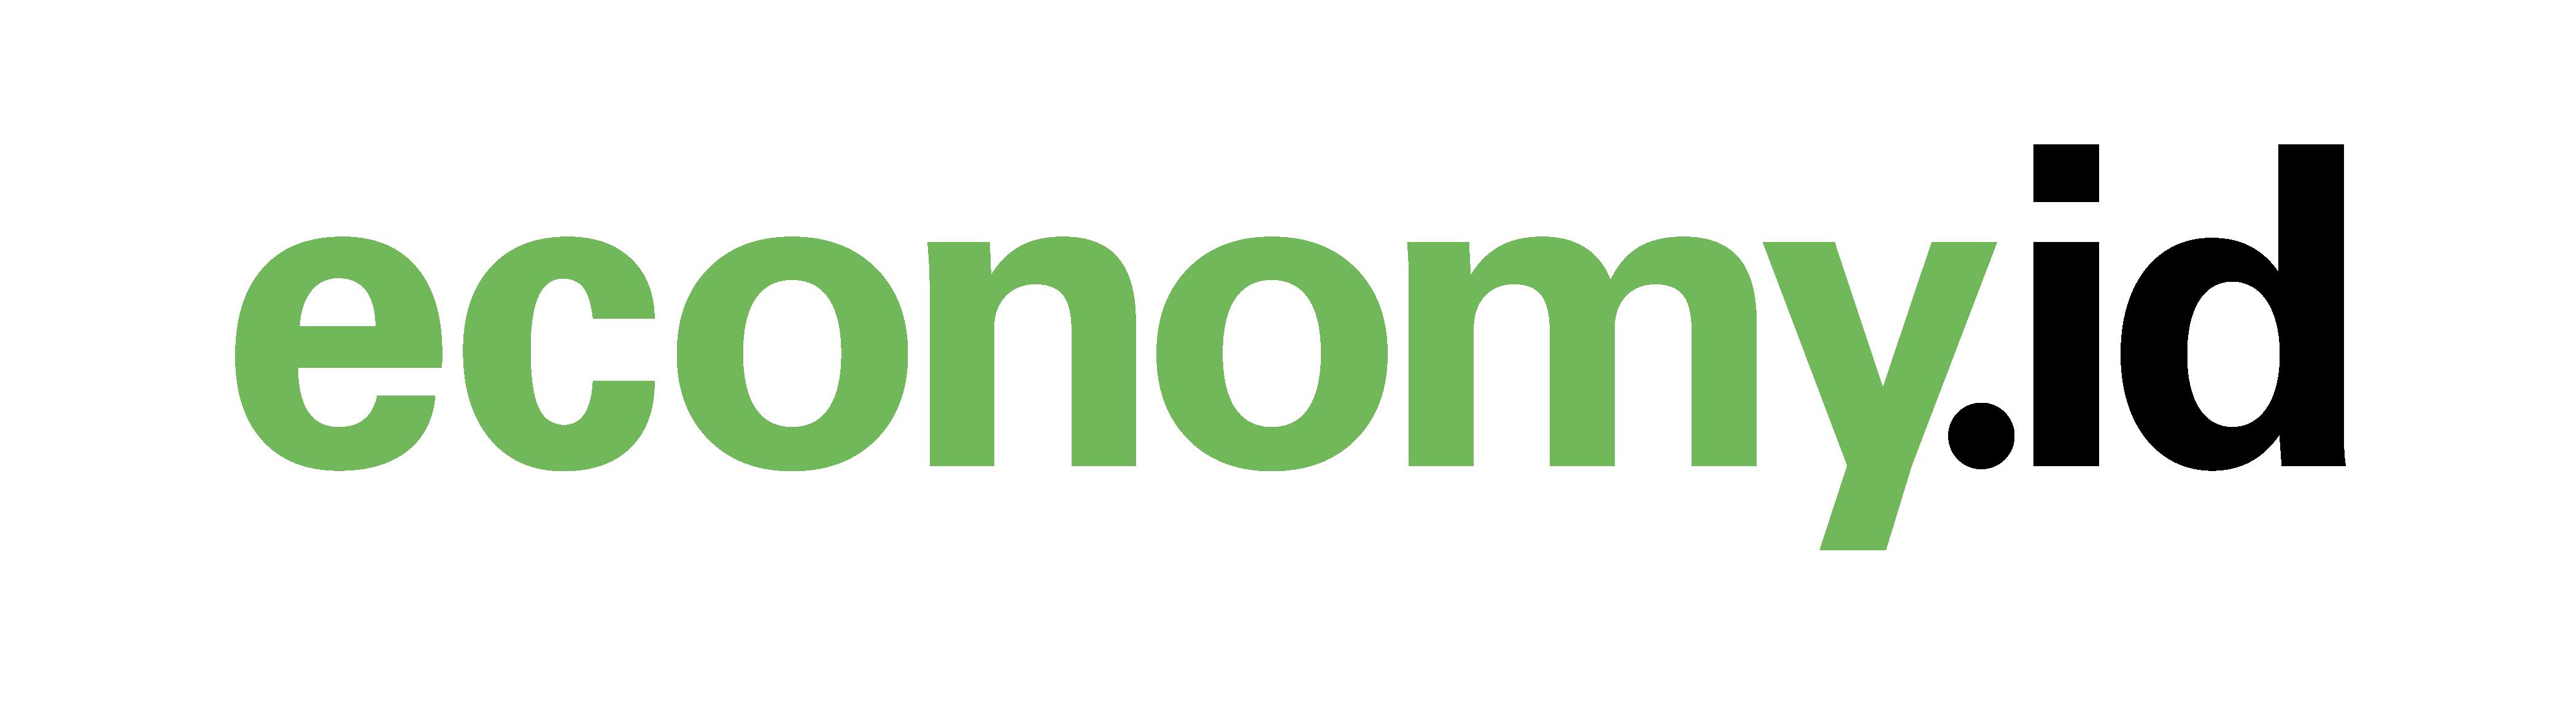 Economy ID